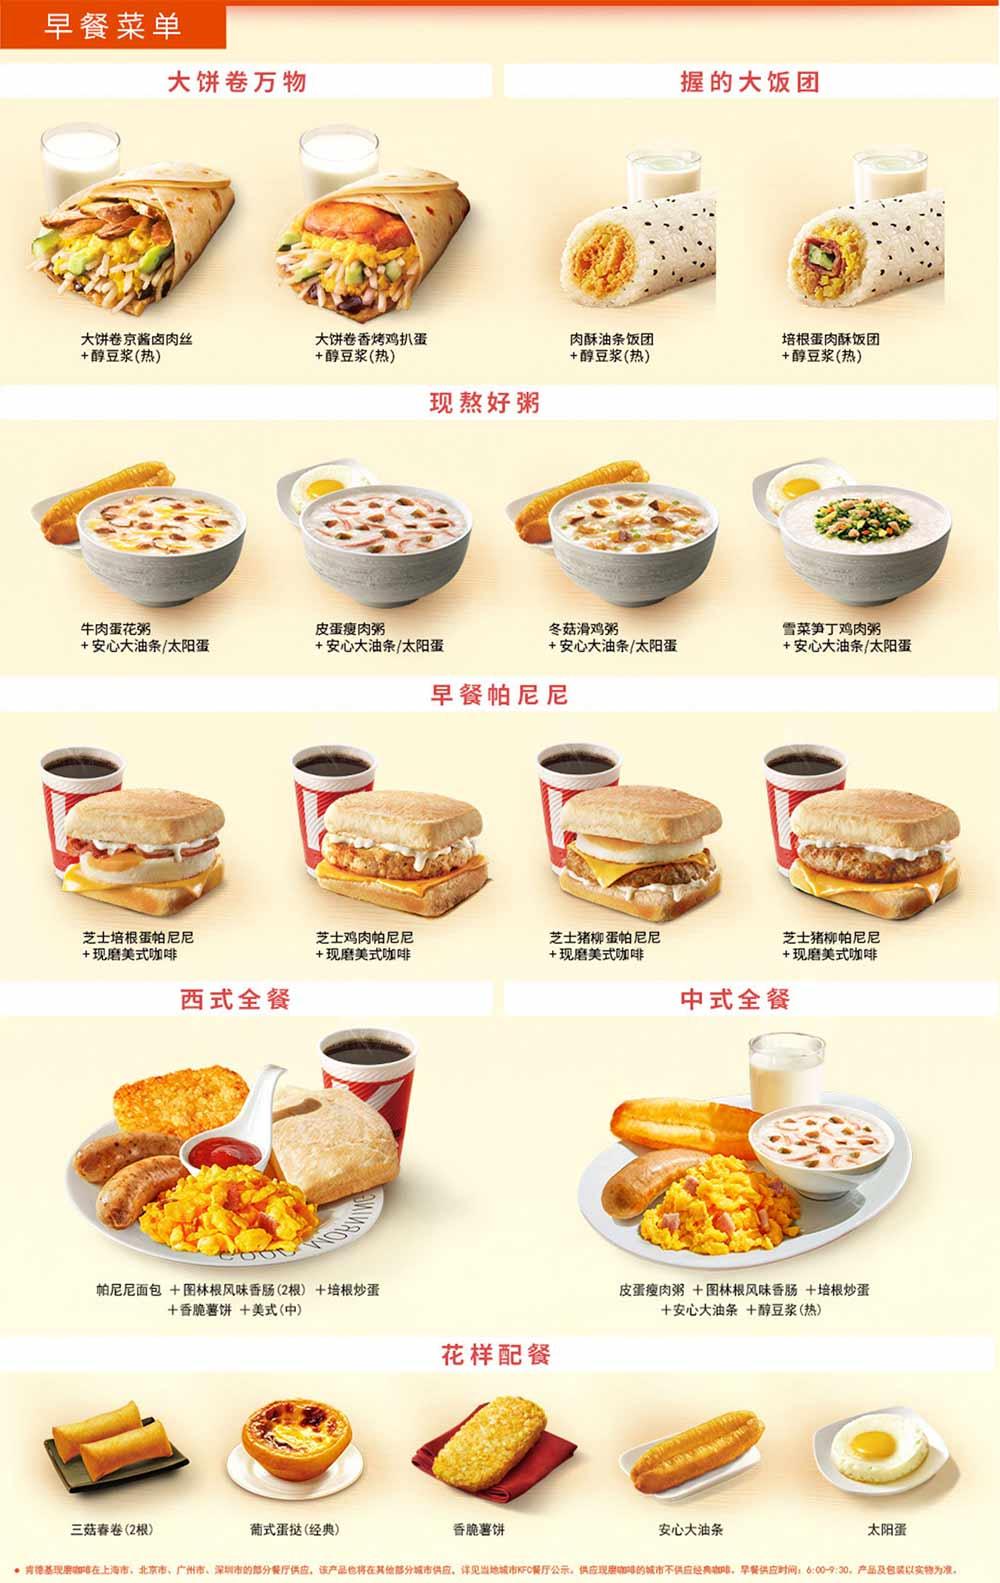 肯德基早餐菜单